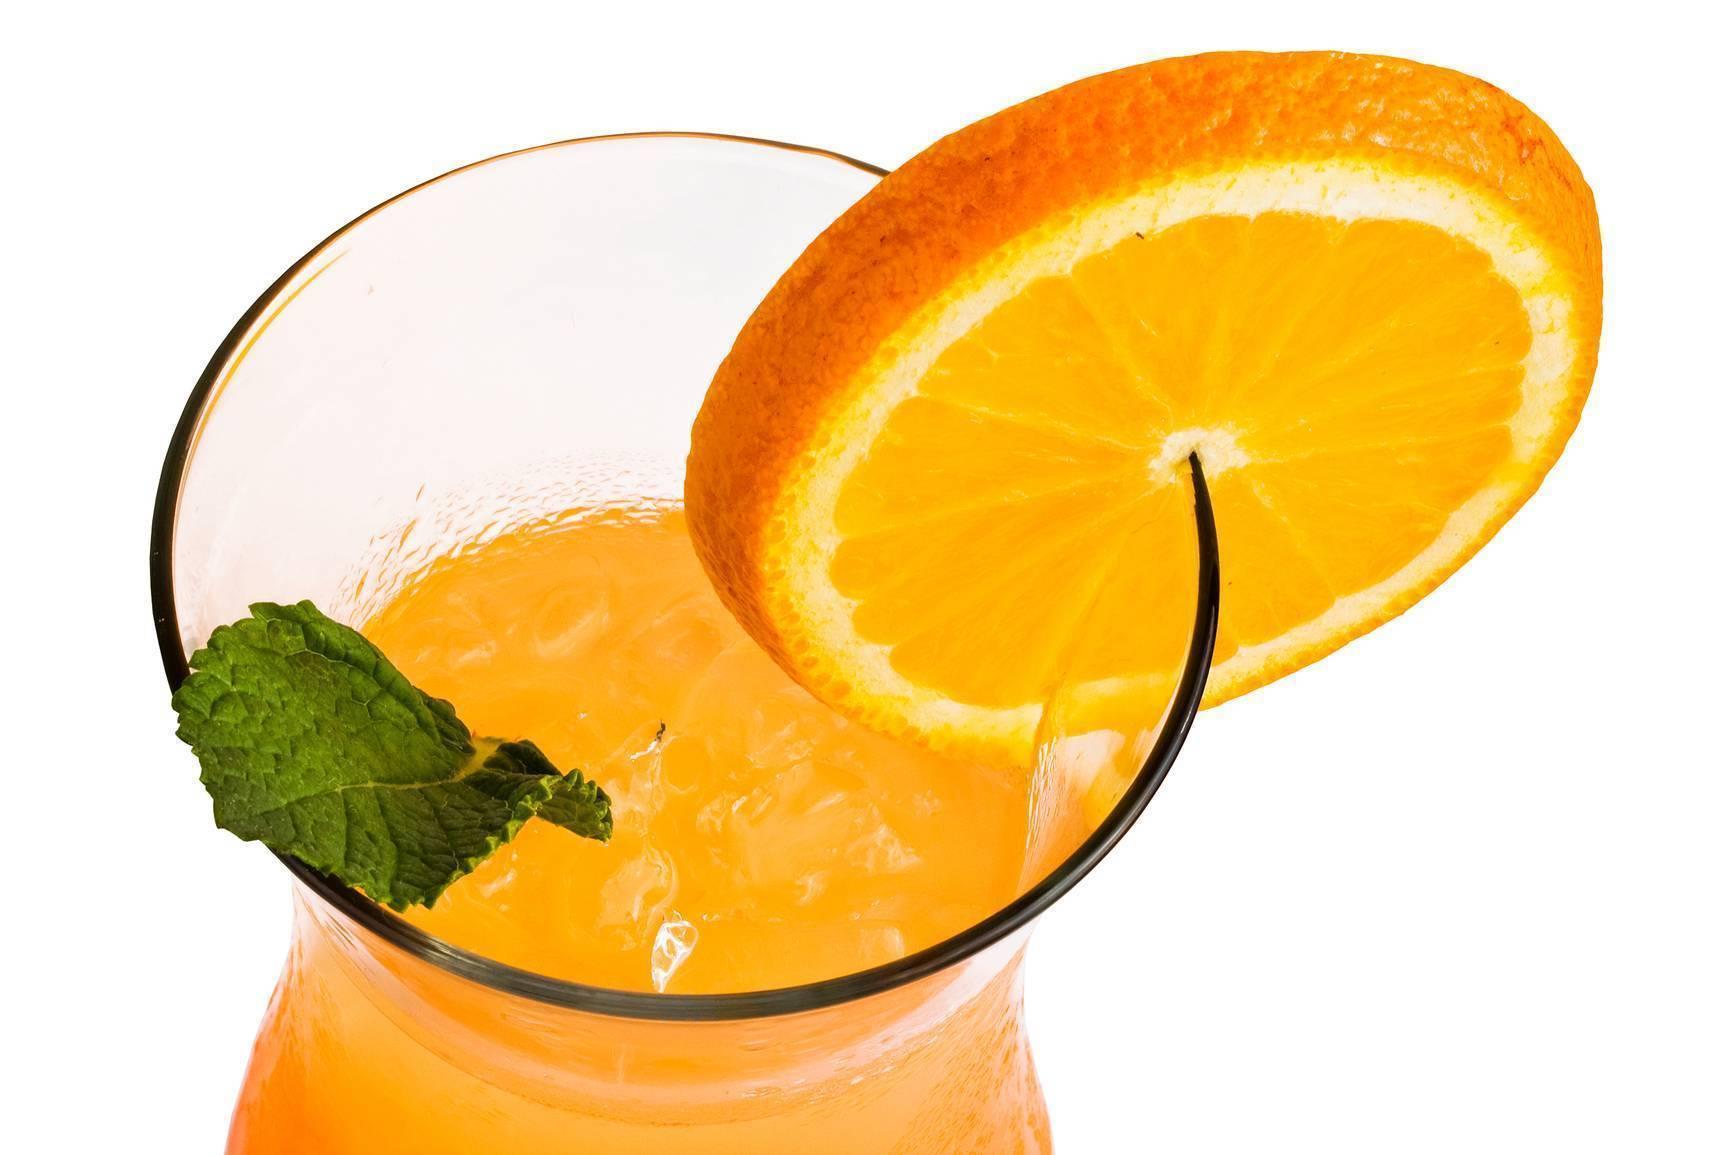 Рецепты приготовления коктейлей с апельсиновым соком